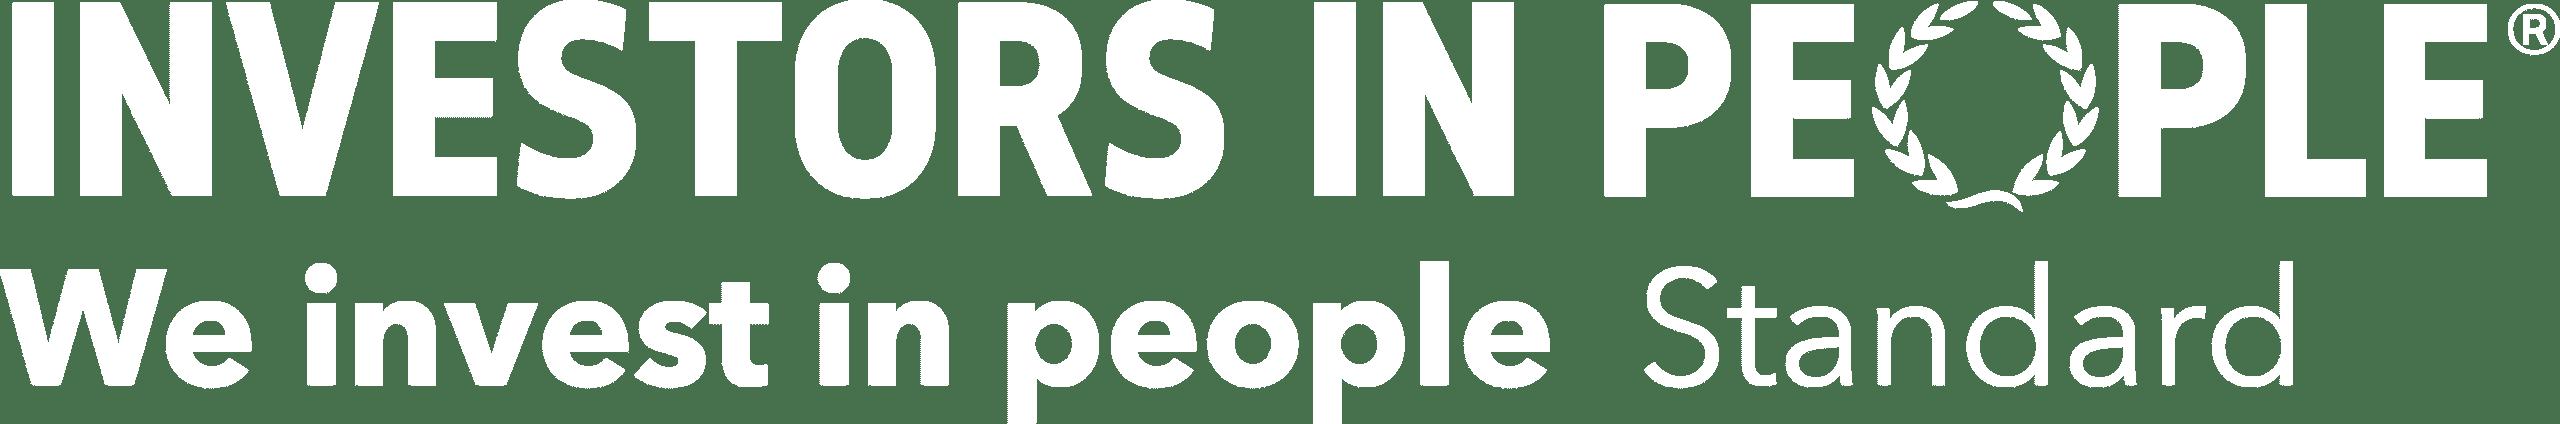 invest-in-people-standard-R Blu e